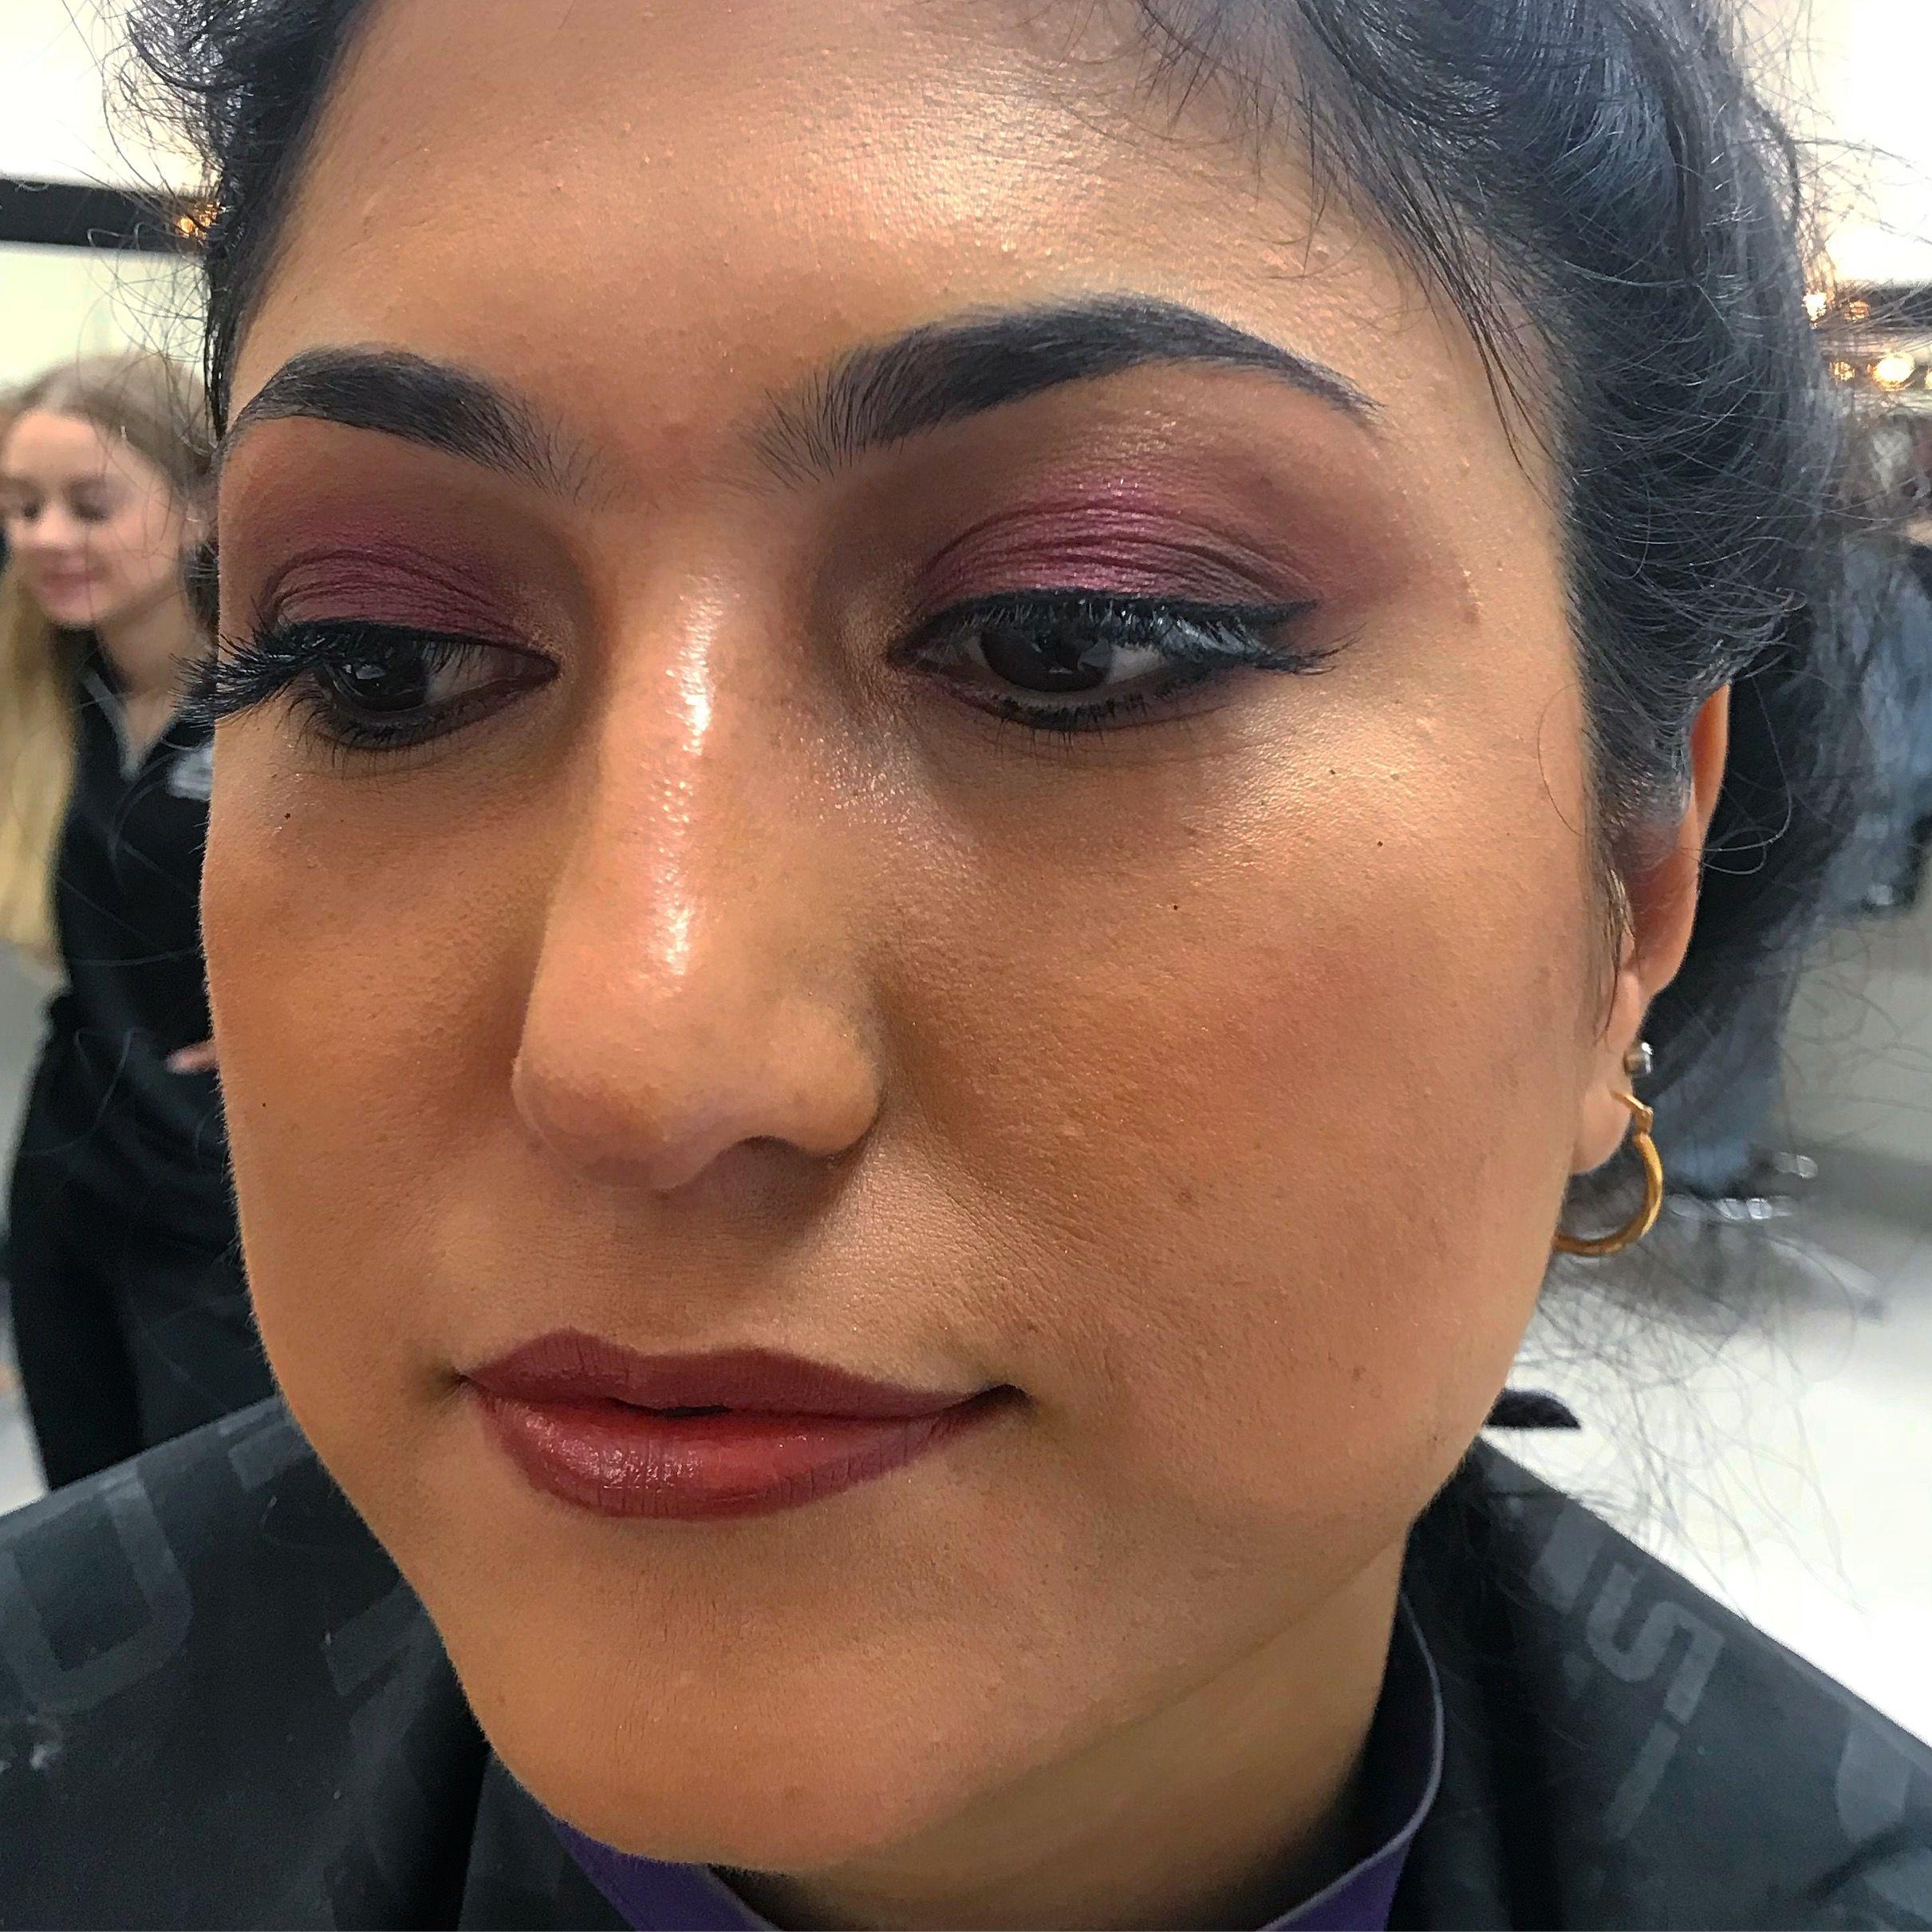 A subtle purple Smokey eye 😊 Alex grace makeup mobile